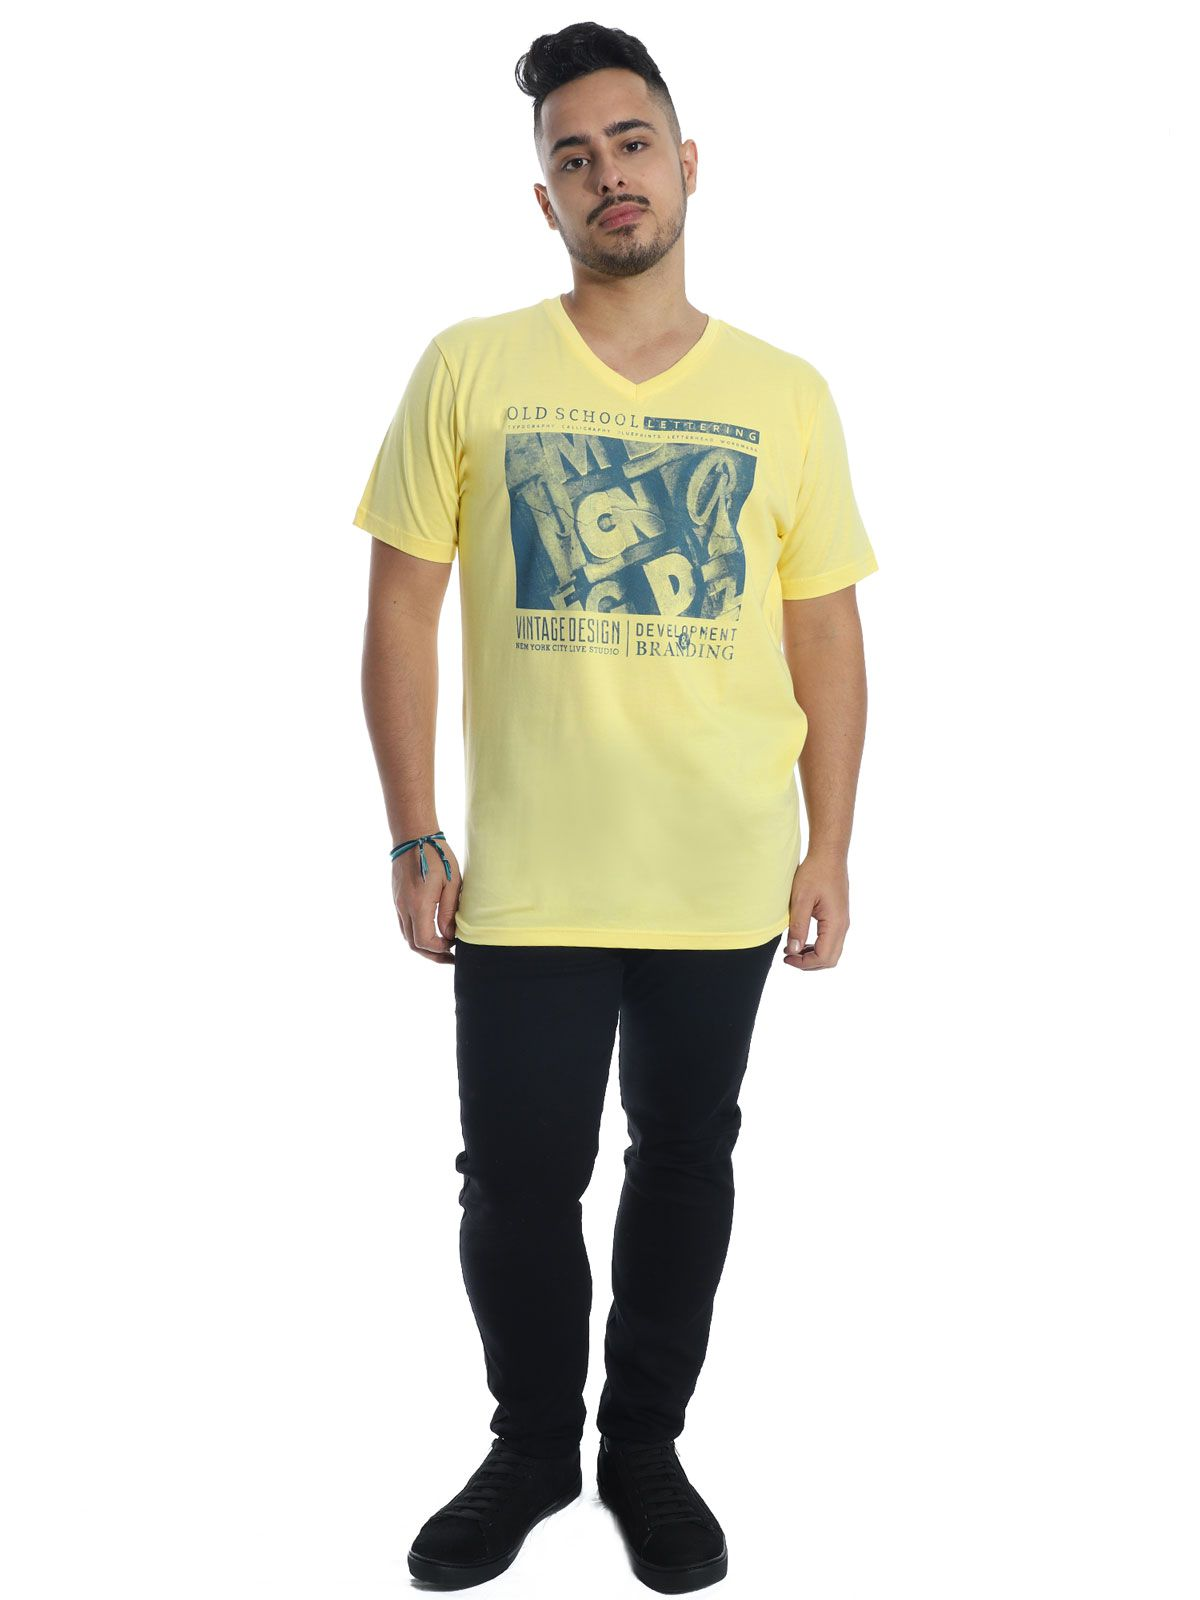 Camiseta Anstia Básica Decote V. Old School Amarela